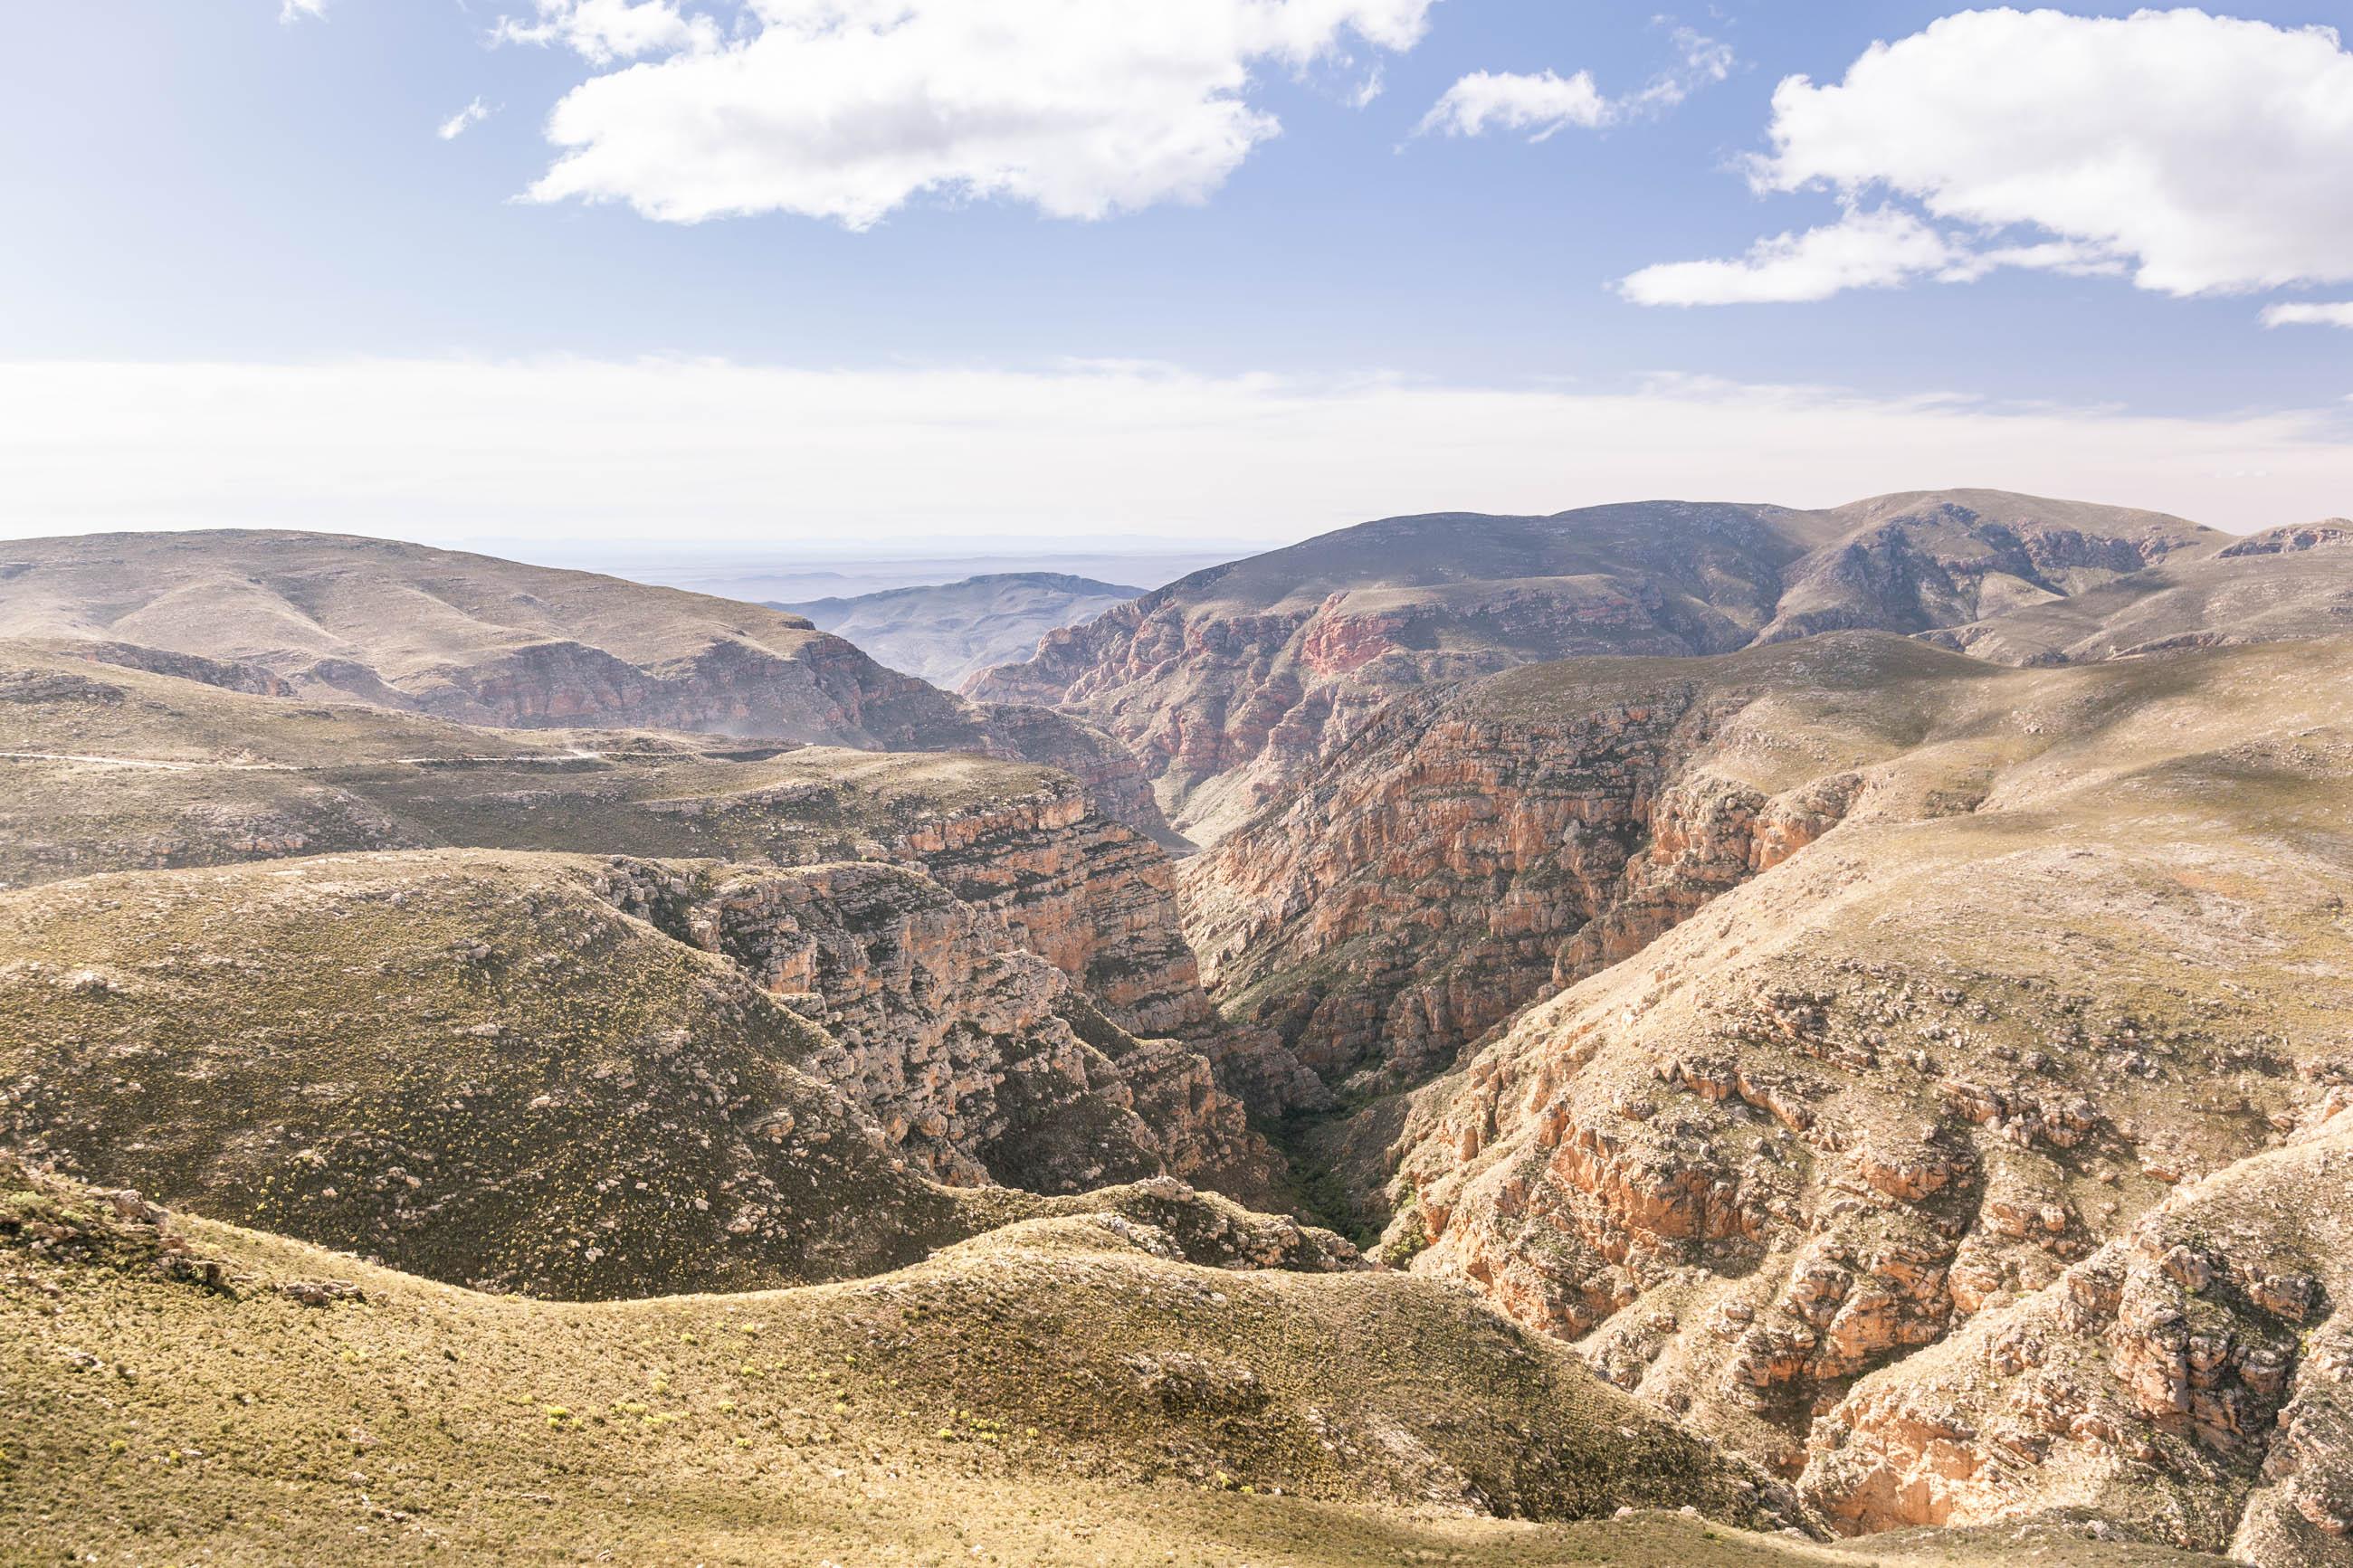 DER FOTOGRAF SVEN VOGEL FOTOGRAFIERT LANDSCHAFTEN LANDSCAPE IN DER KAROO IN SÜD AFRIKA